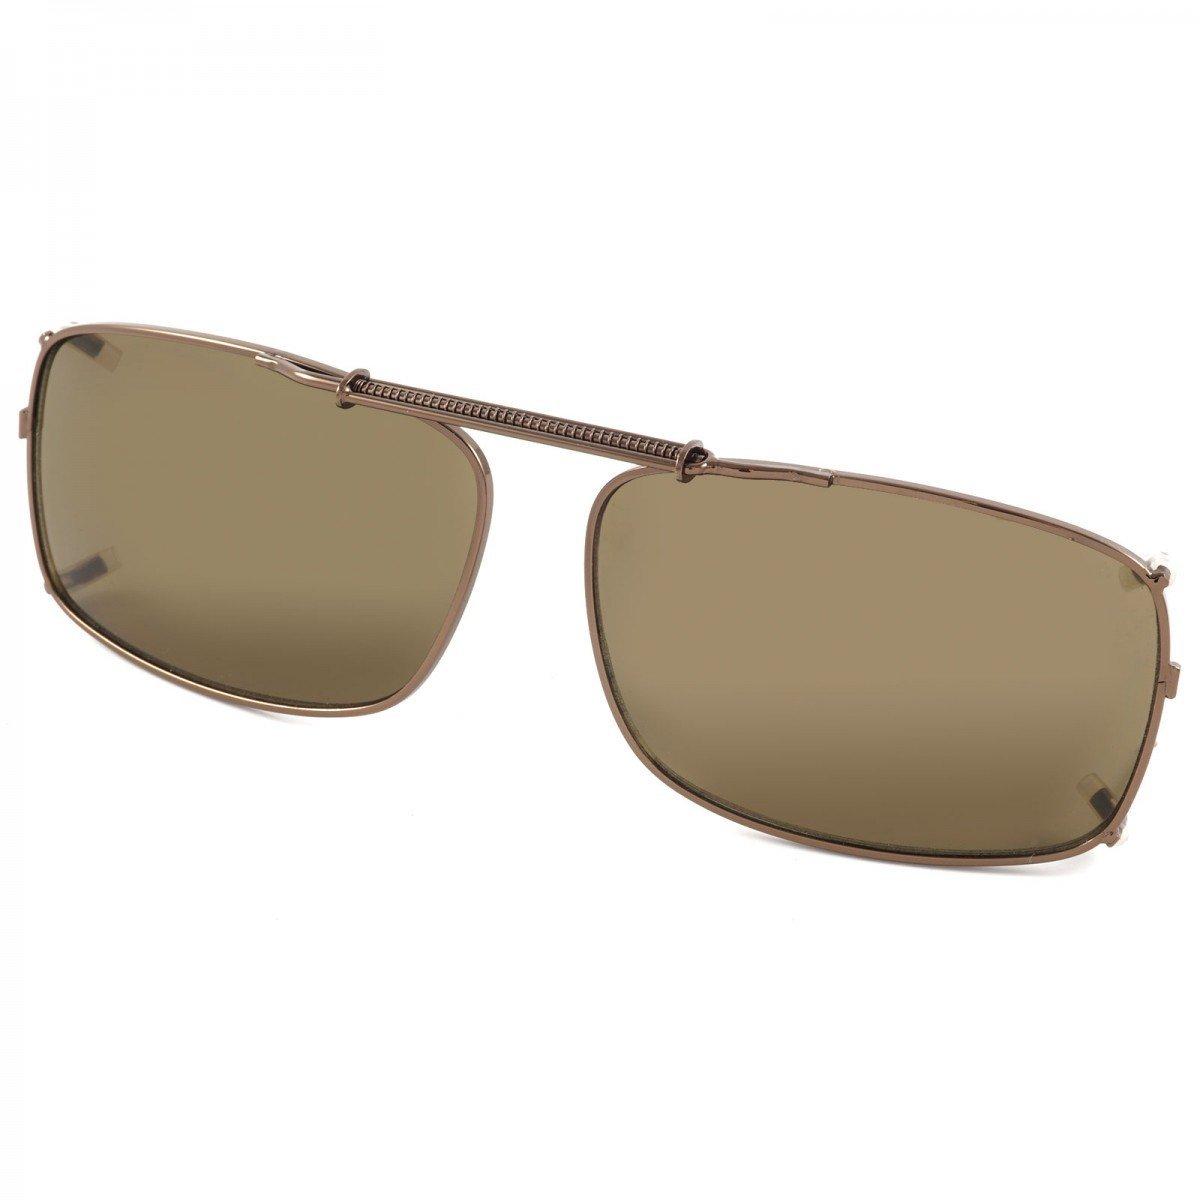 Gafas de sol gafas gafas de complementos Clipon Clip ...